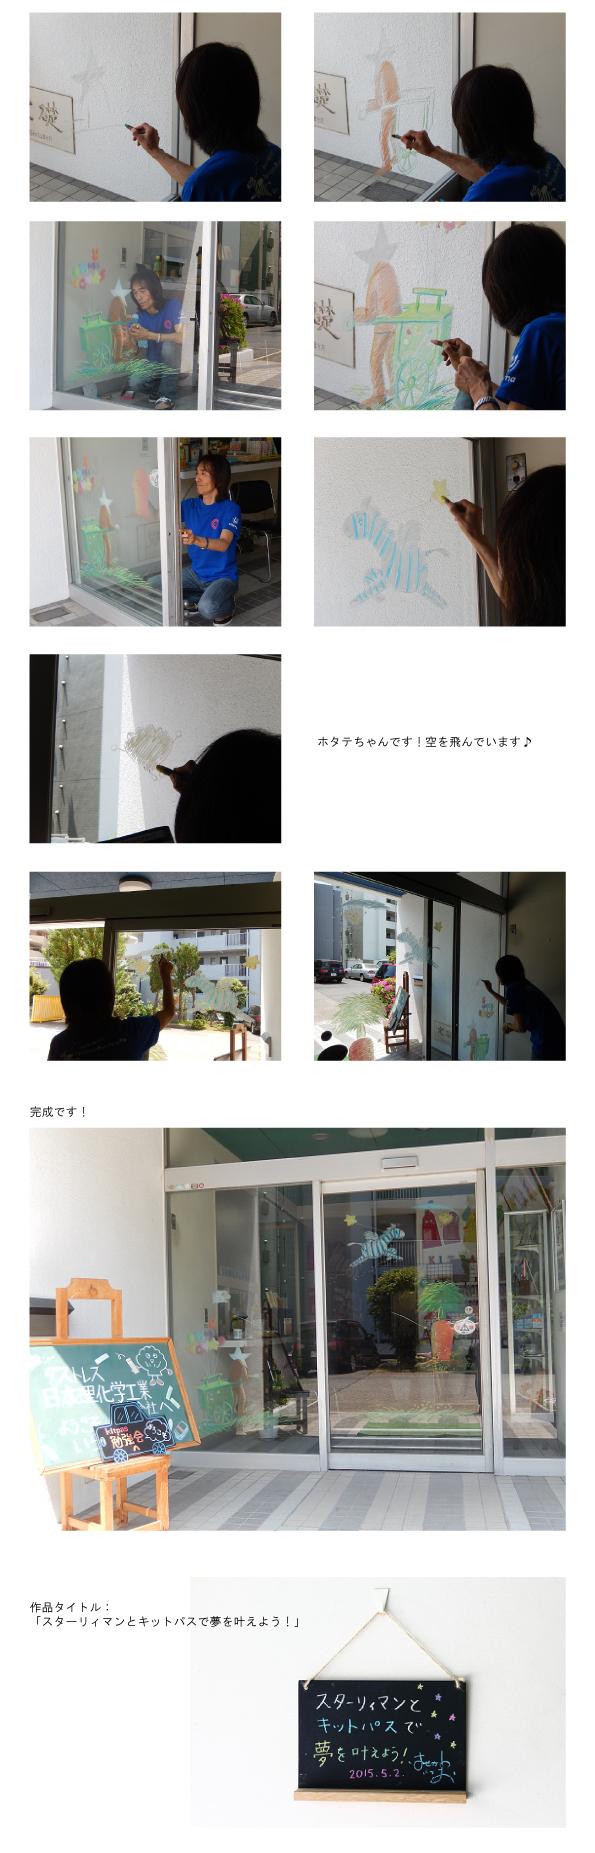 はせがわいさおさんの日本理化学工業(株)川崎工場ウインドーギャラリー第4弾「スターリィマンとキットパスで夢を叶えよう!」(2015年5月2日)